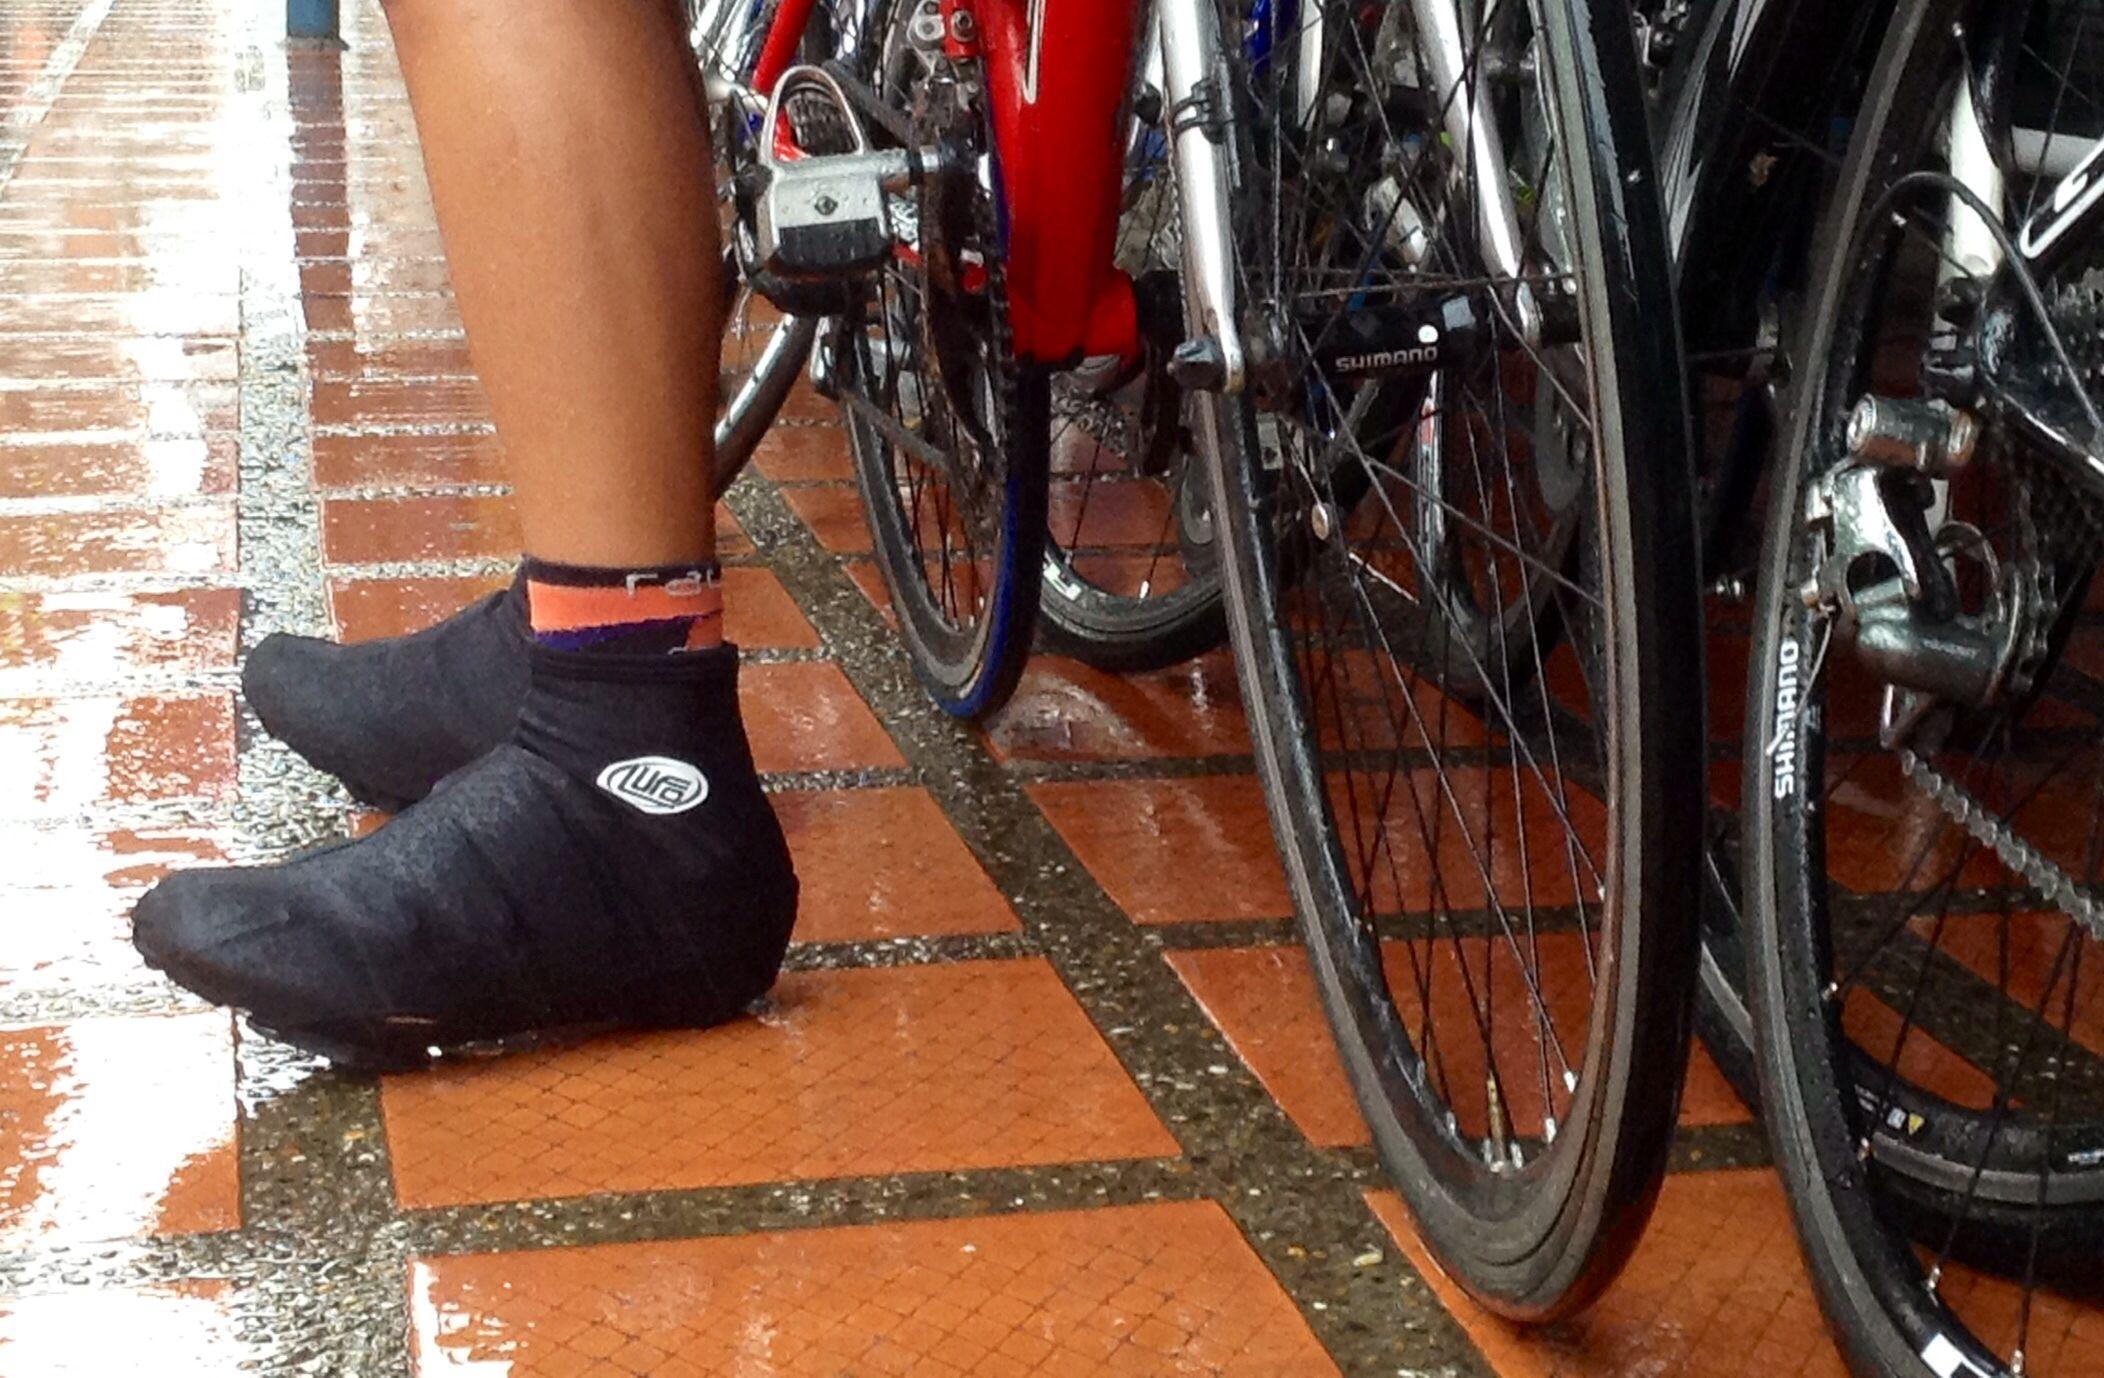 Segunda Válida de Desarrollo Deportivo de Ciclismo en el Oriente de Antioquia. #SeleccionAntioquia #Ciclismo #Cycling #Deportes #Sports